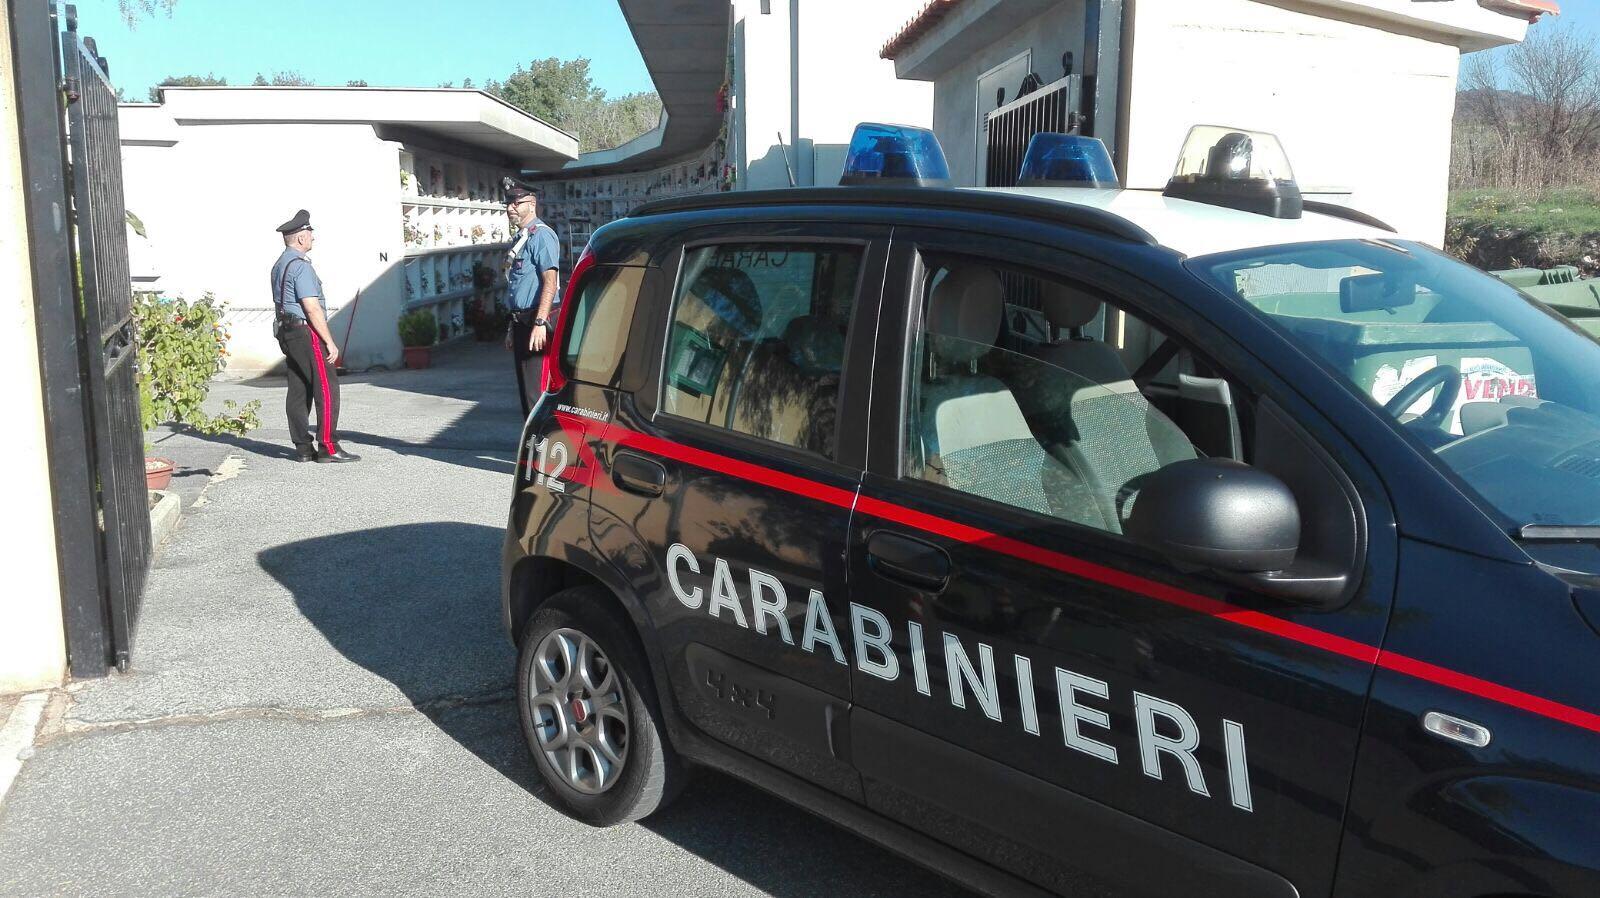 Controlli nel comprensorio: scattano le manette  tra Civitavecchia, Ladispoli e Cerveteri. Le operazioni condotte dai Carabinieri della  Compagnia di Civitavecchia.